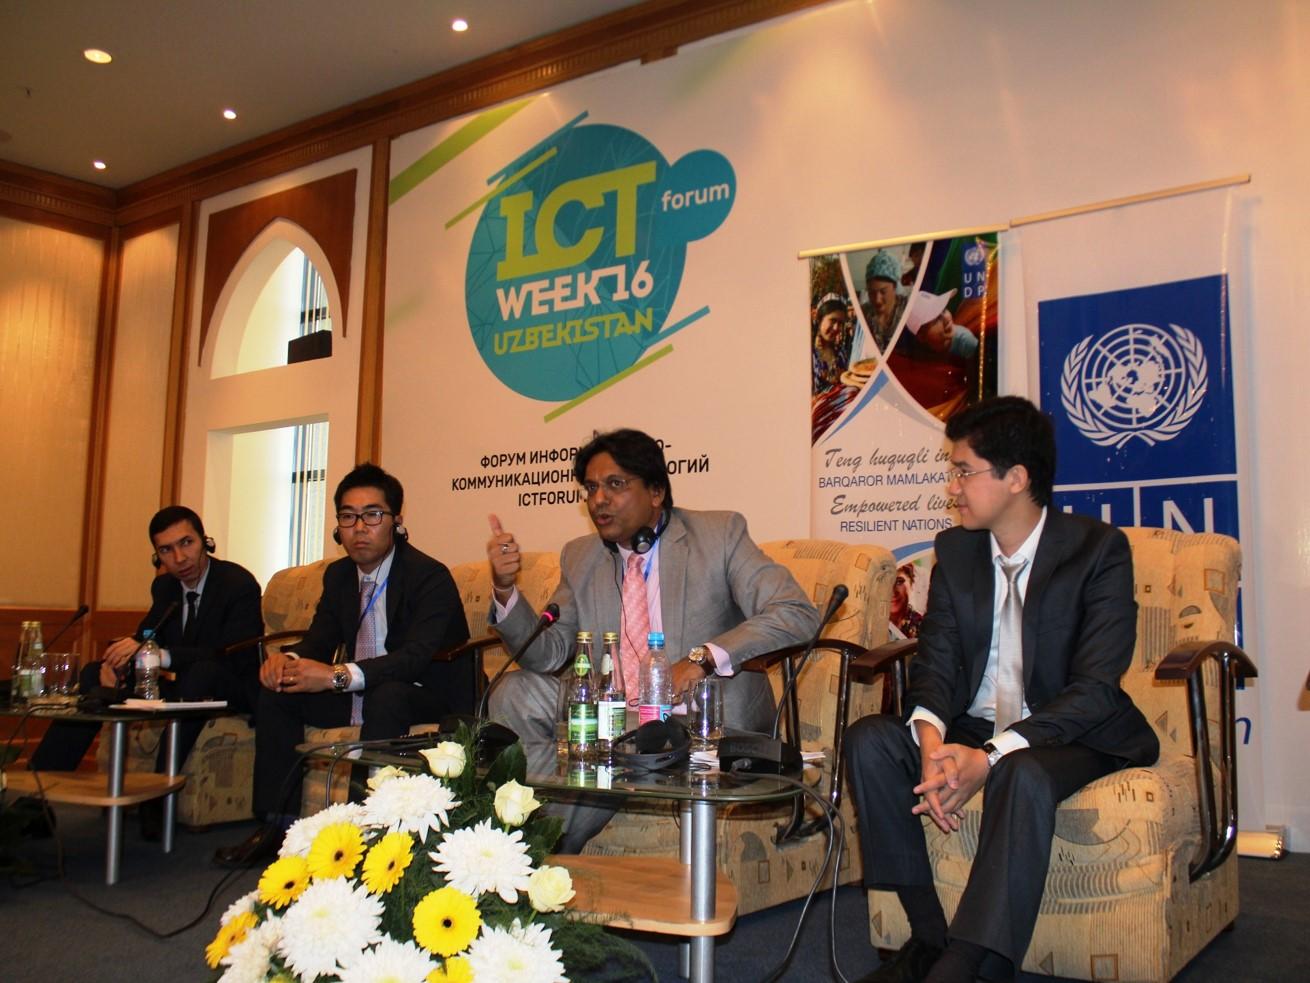 E- Governance & ICT